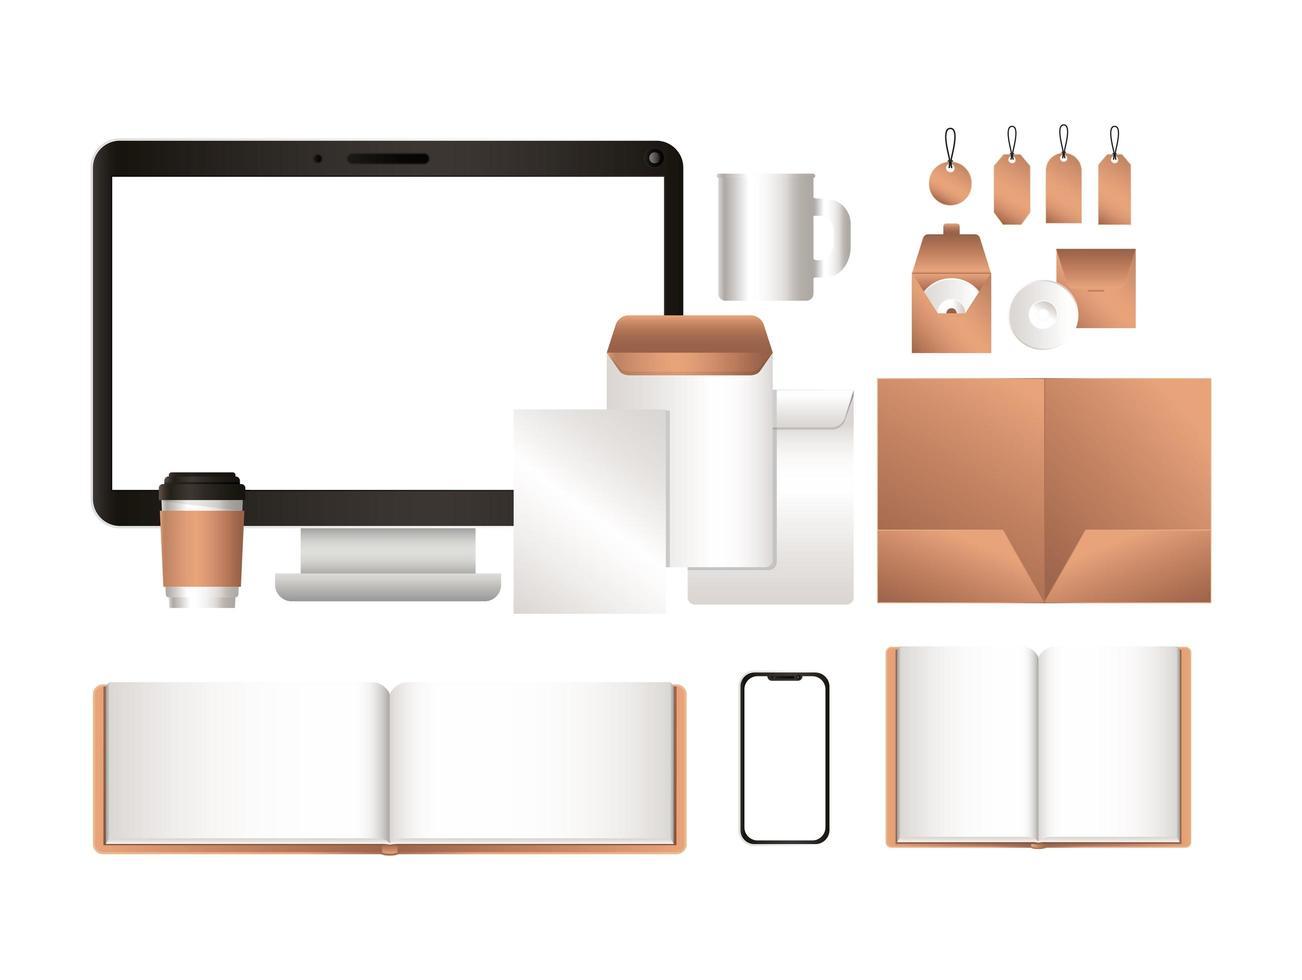 Maqueta de tableta con diseño de portátiles y etiquetas para teléfonos inteligentes vector